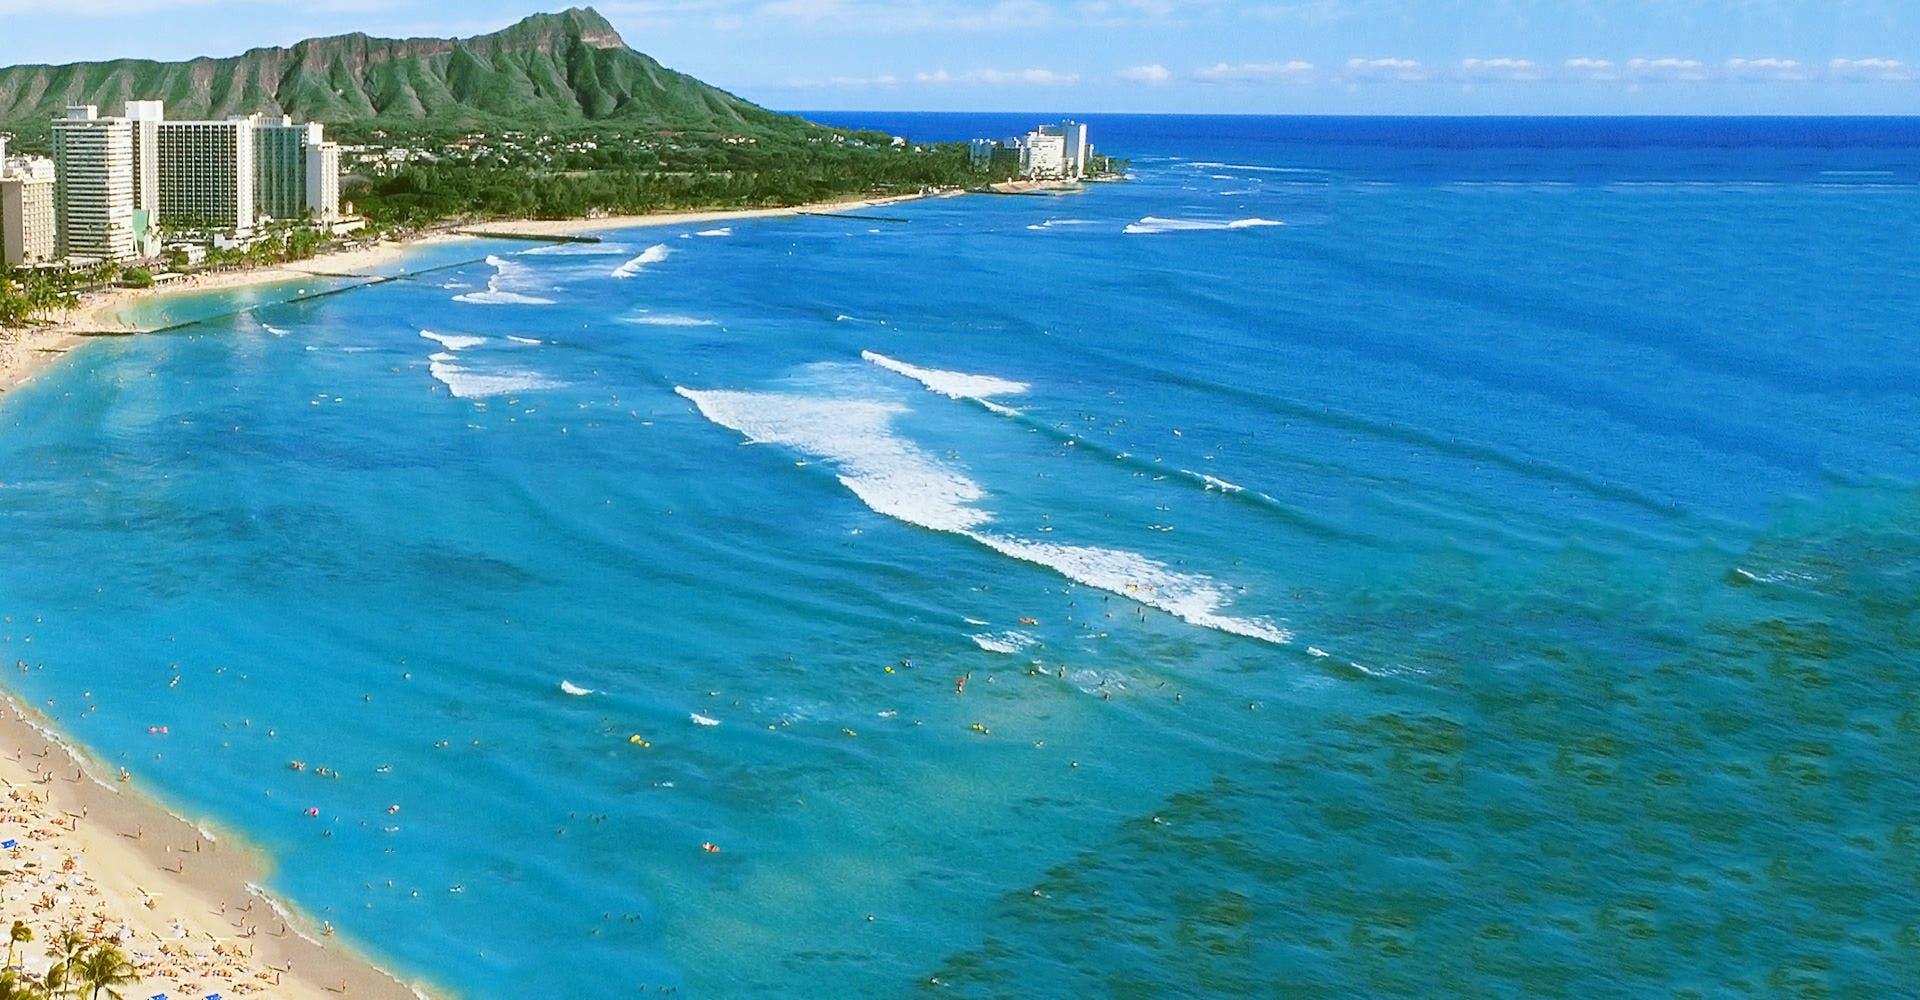 【一休.com】ハワイの厳選ホテル・リゾート情報